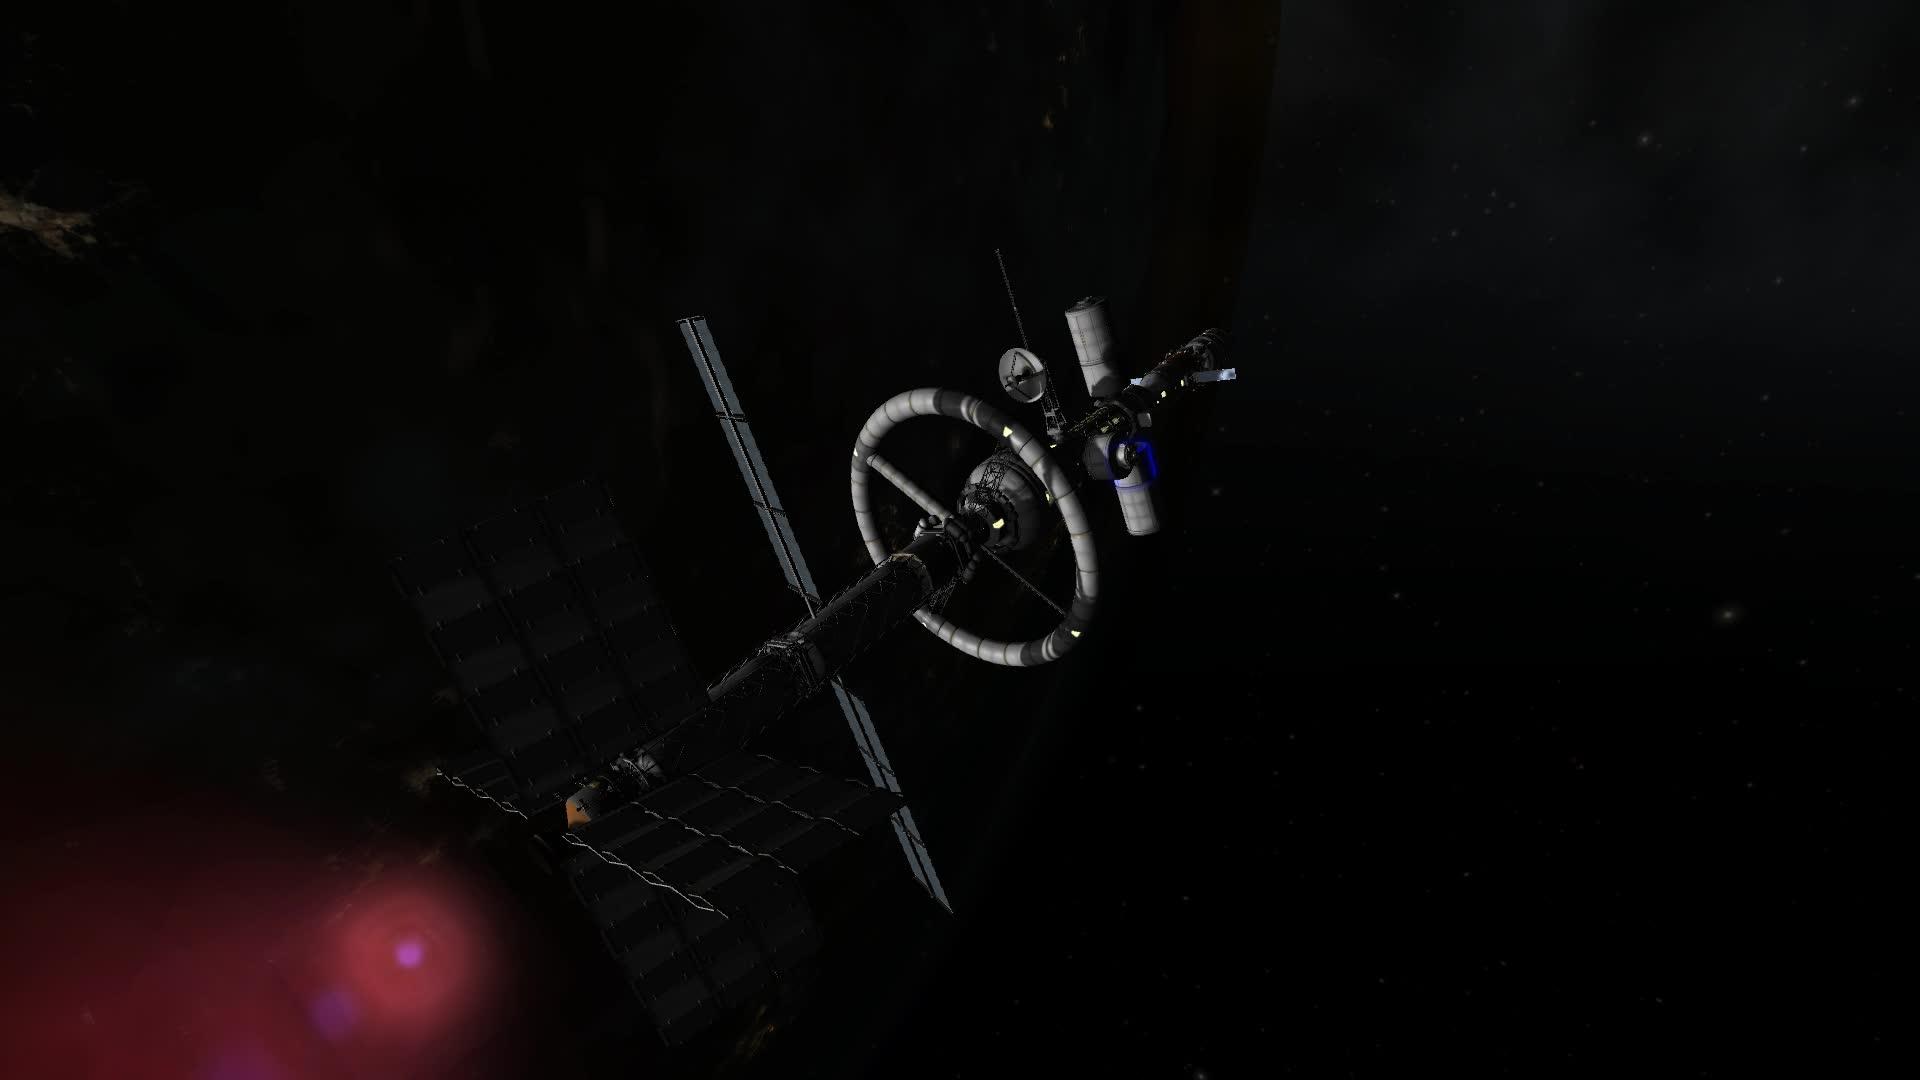 kerbalspaceprogram, Kerbal Space Program 2018.06.21 - 22.36.37.01 GIFs